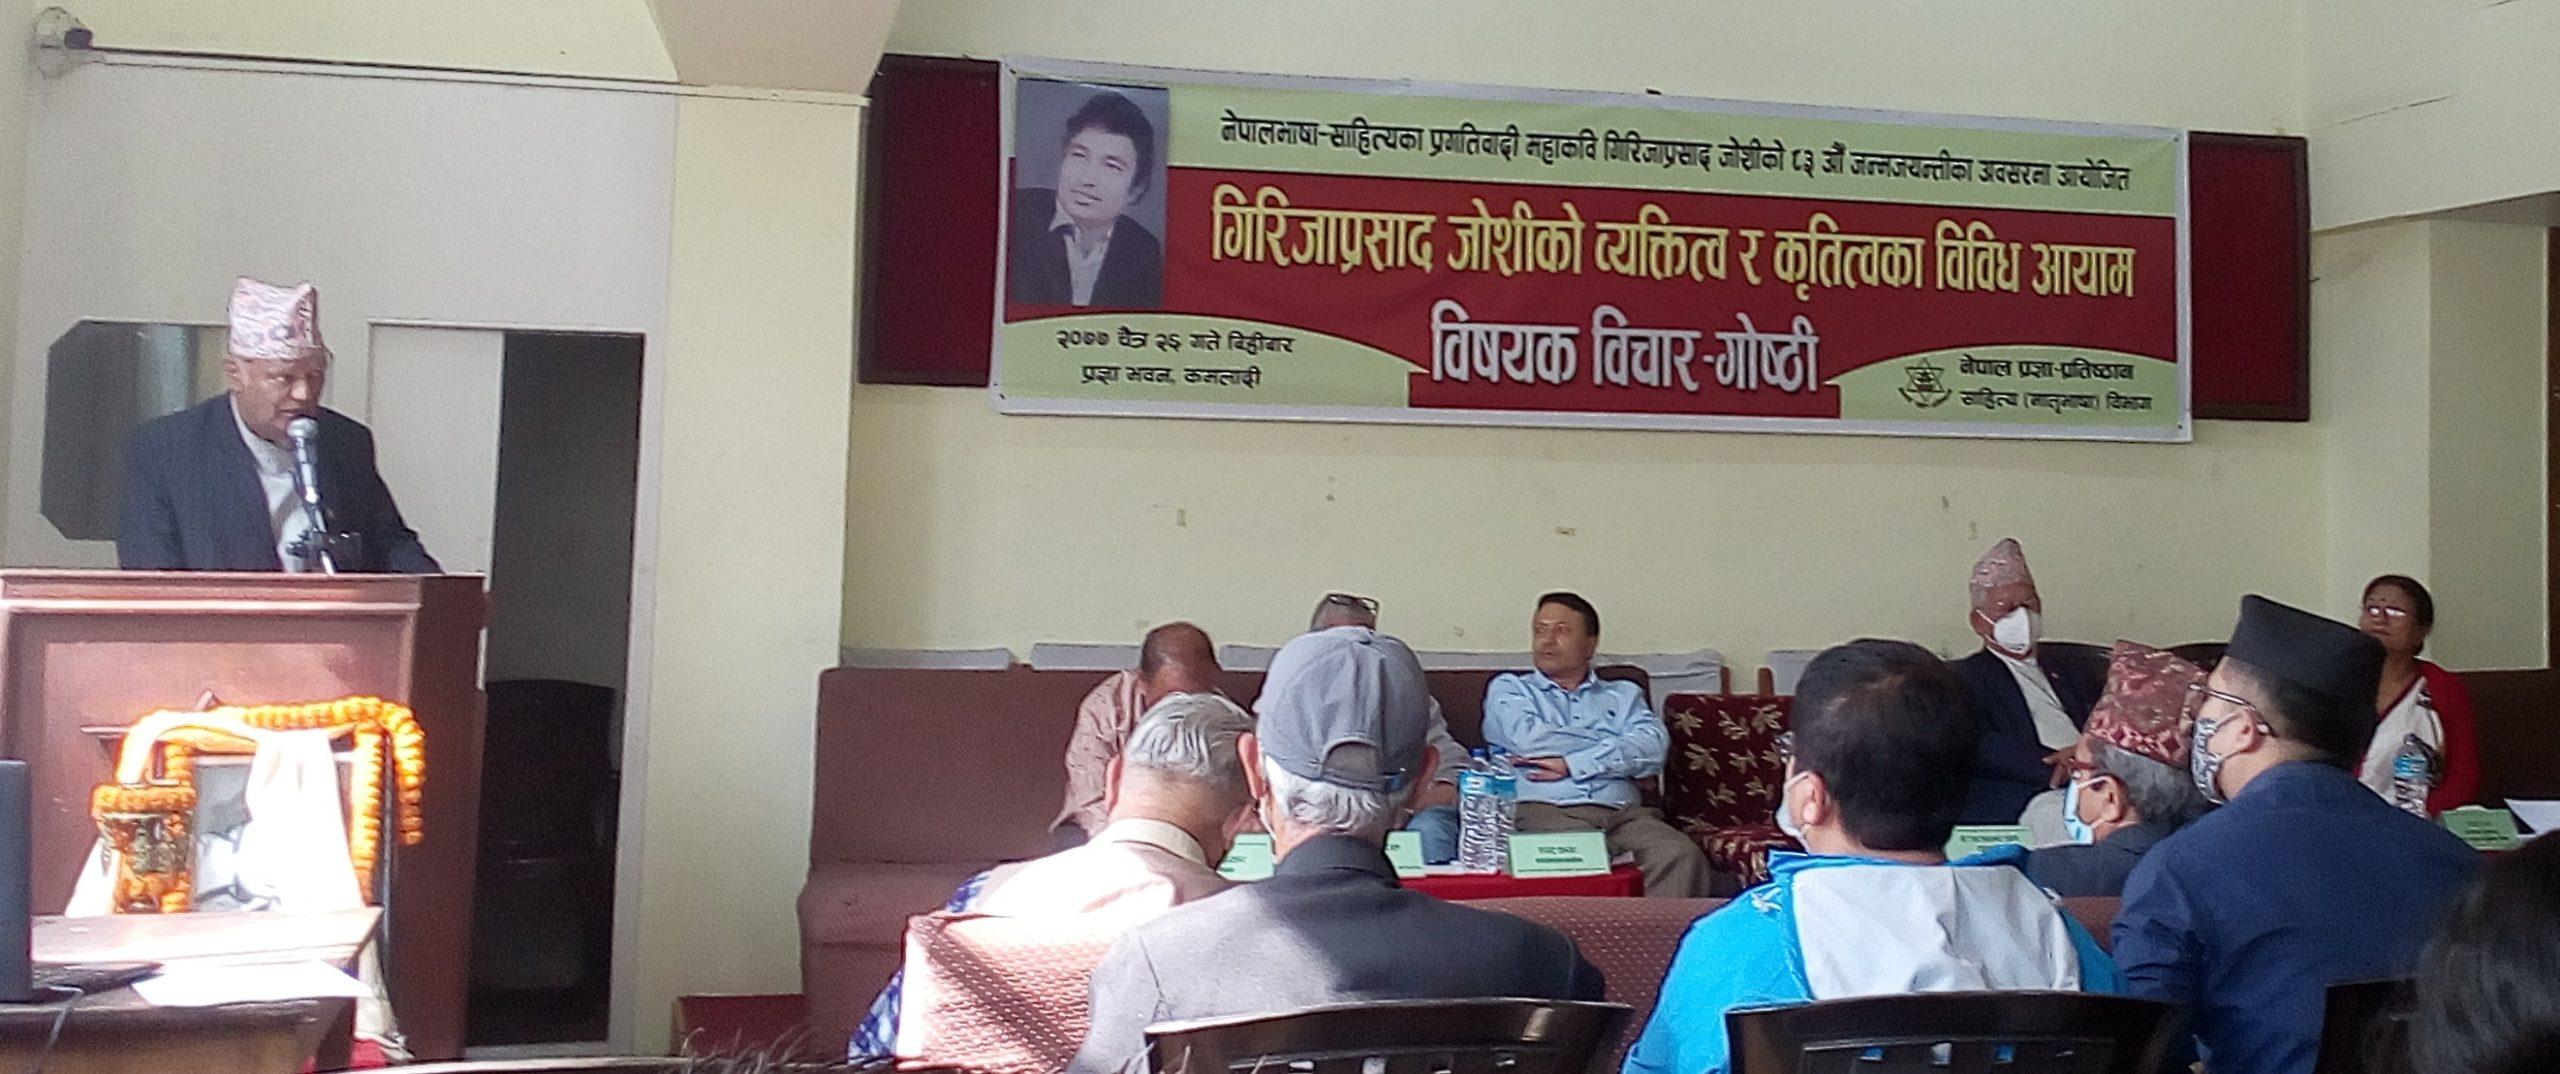 प्रज्ञा प्रतिष्ठानमा नेपाल भाषाका प्रगतिवादी महाकविको योगदानमाथि चर्चा